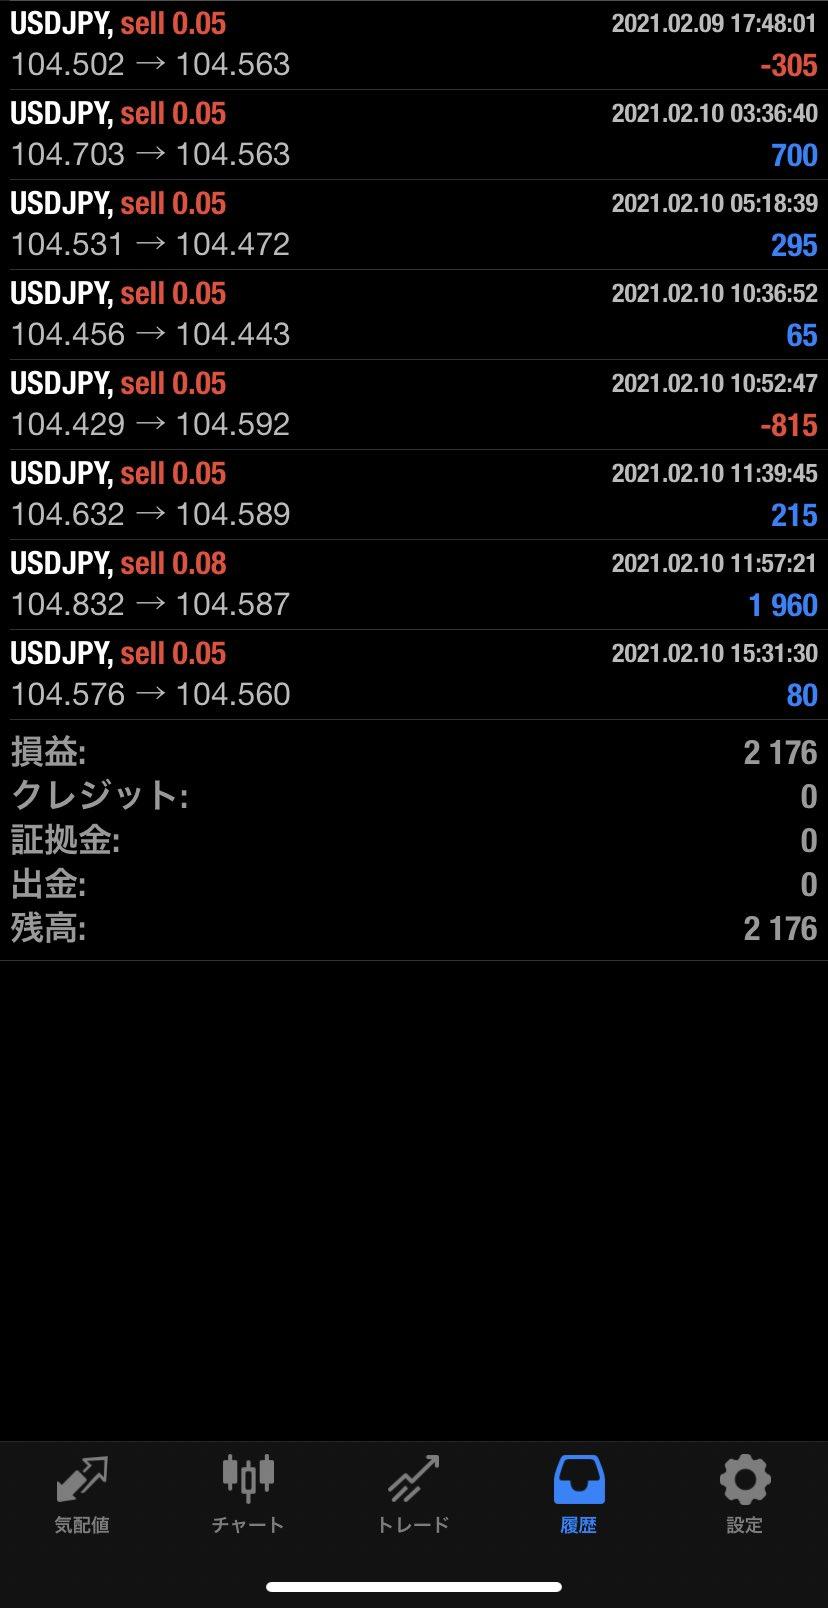 2021年2月10日 USD/JPYバージョン2,176円